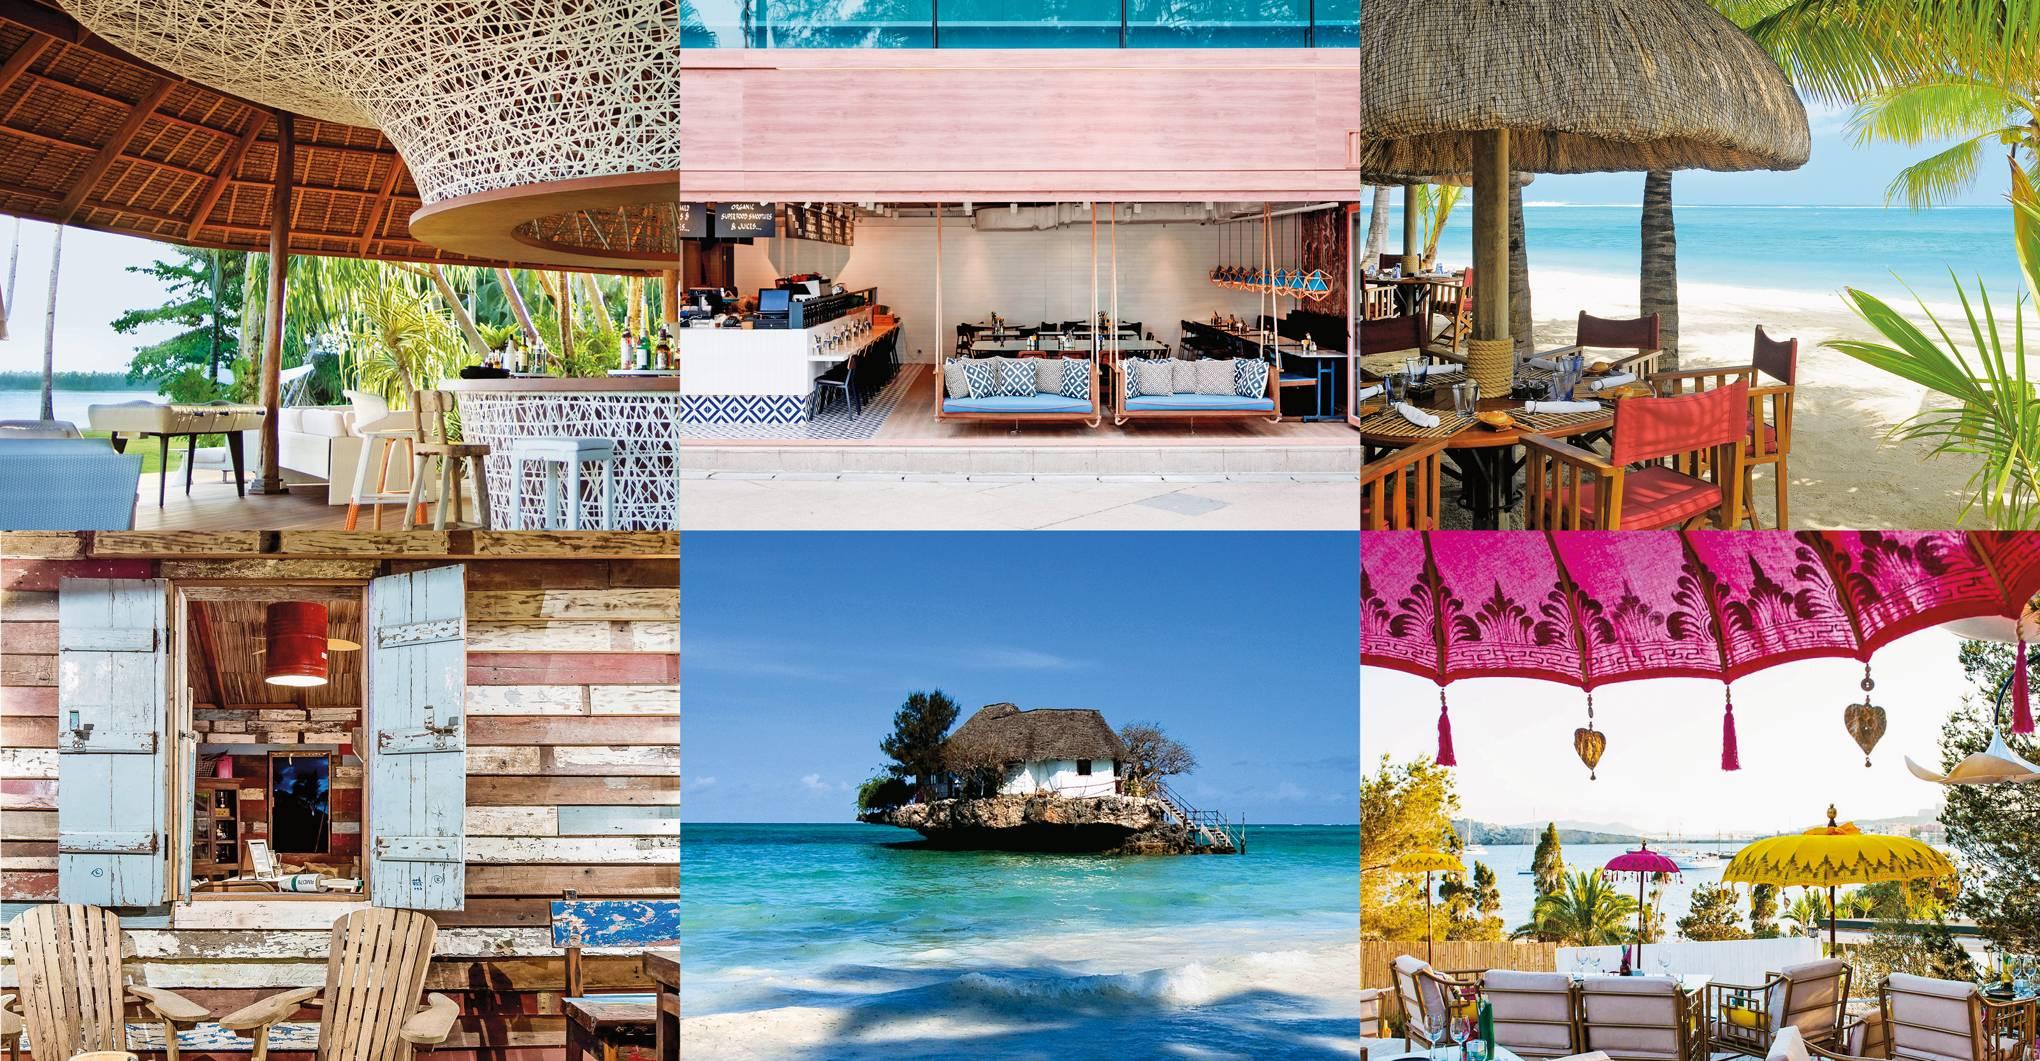 The 16 best beach bars around the world